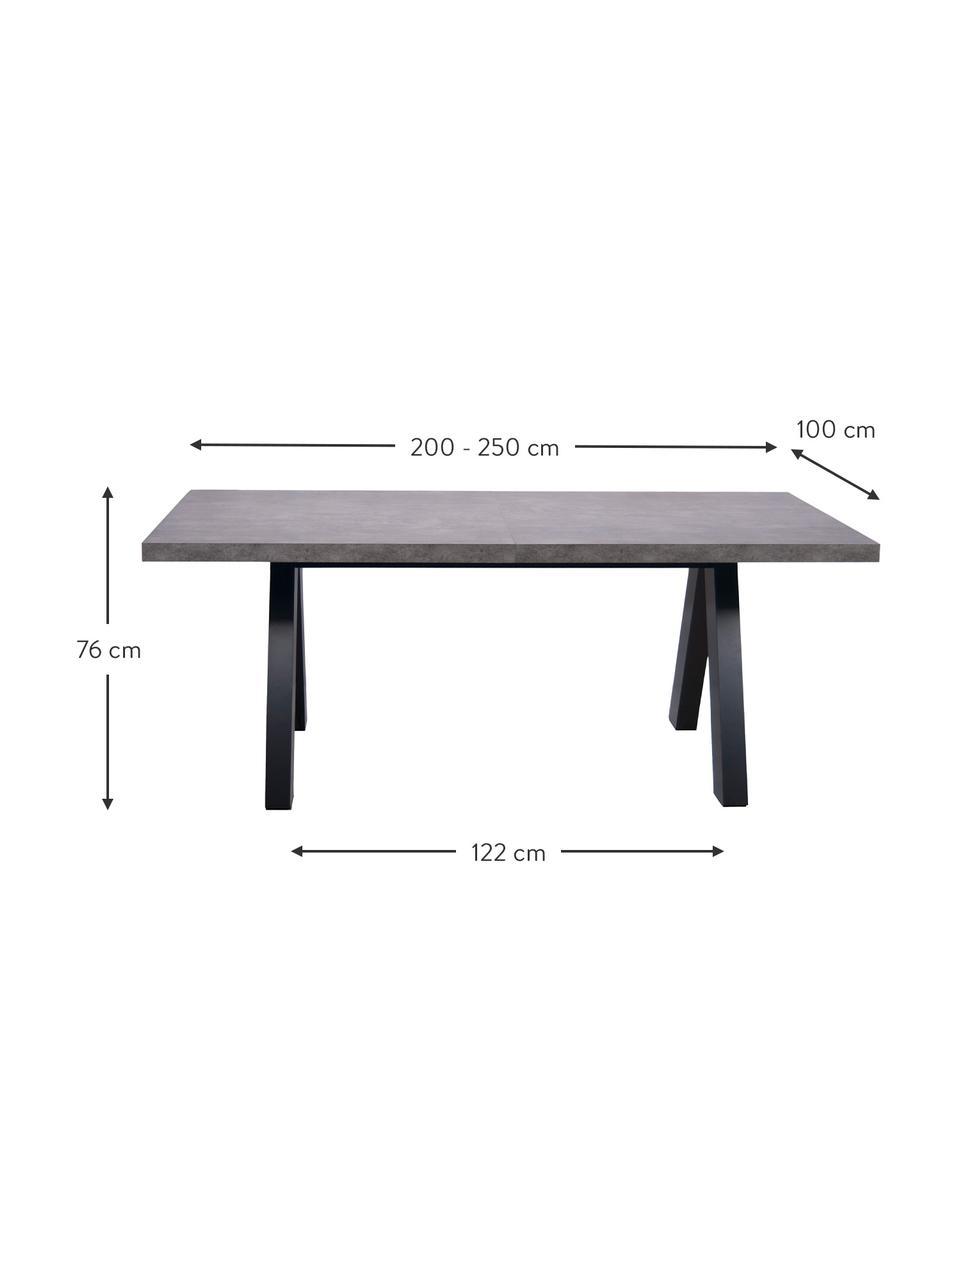 Stół do jadalni z imitacji betonu Apex, rozsuwany, Blat: lekka struktura plastra m, Nogi: płyta pilśniowa średniej , Imitacja betonu, S 200 do 250 x G 100 cm